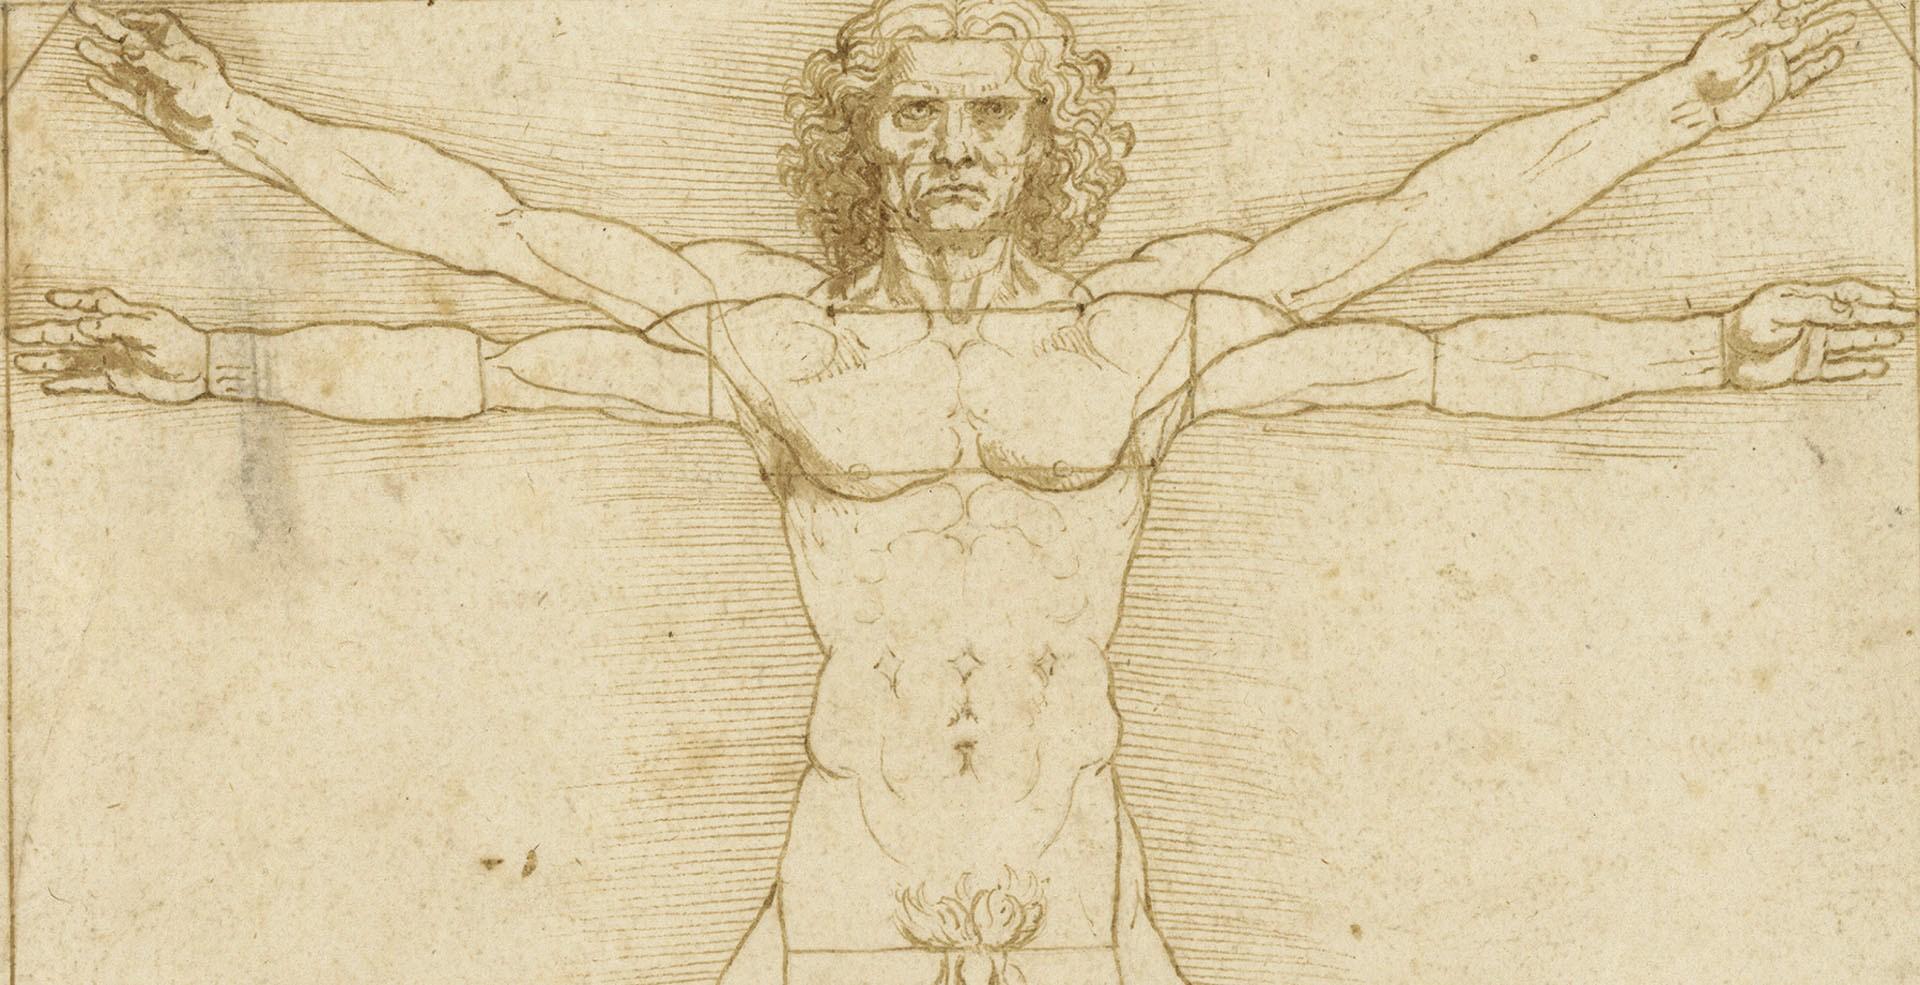 Particolare de L'uomo vitruviano, di Leonardo